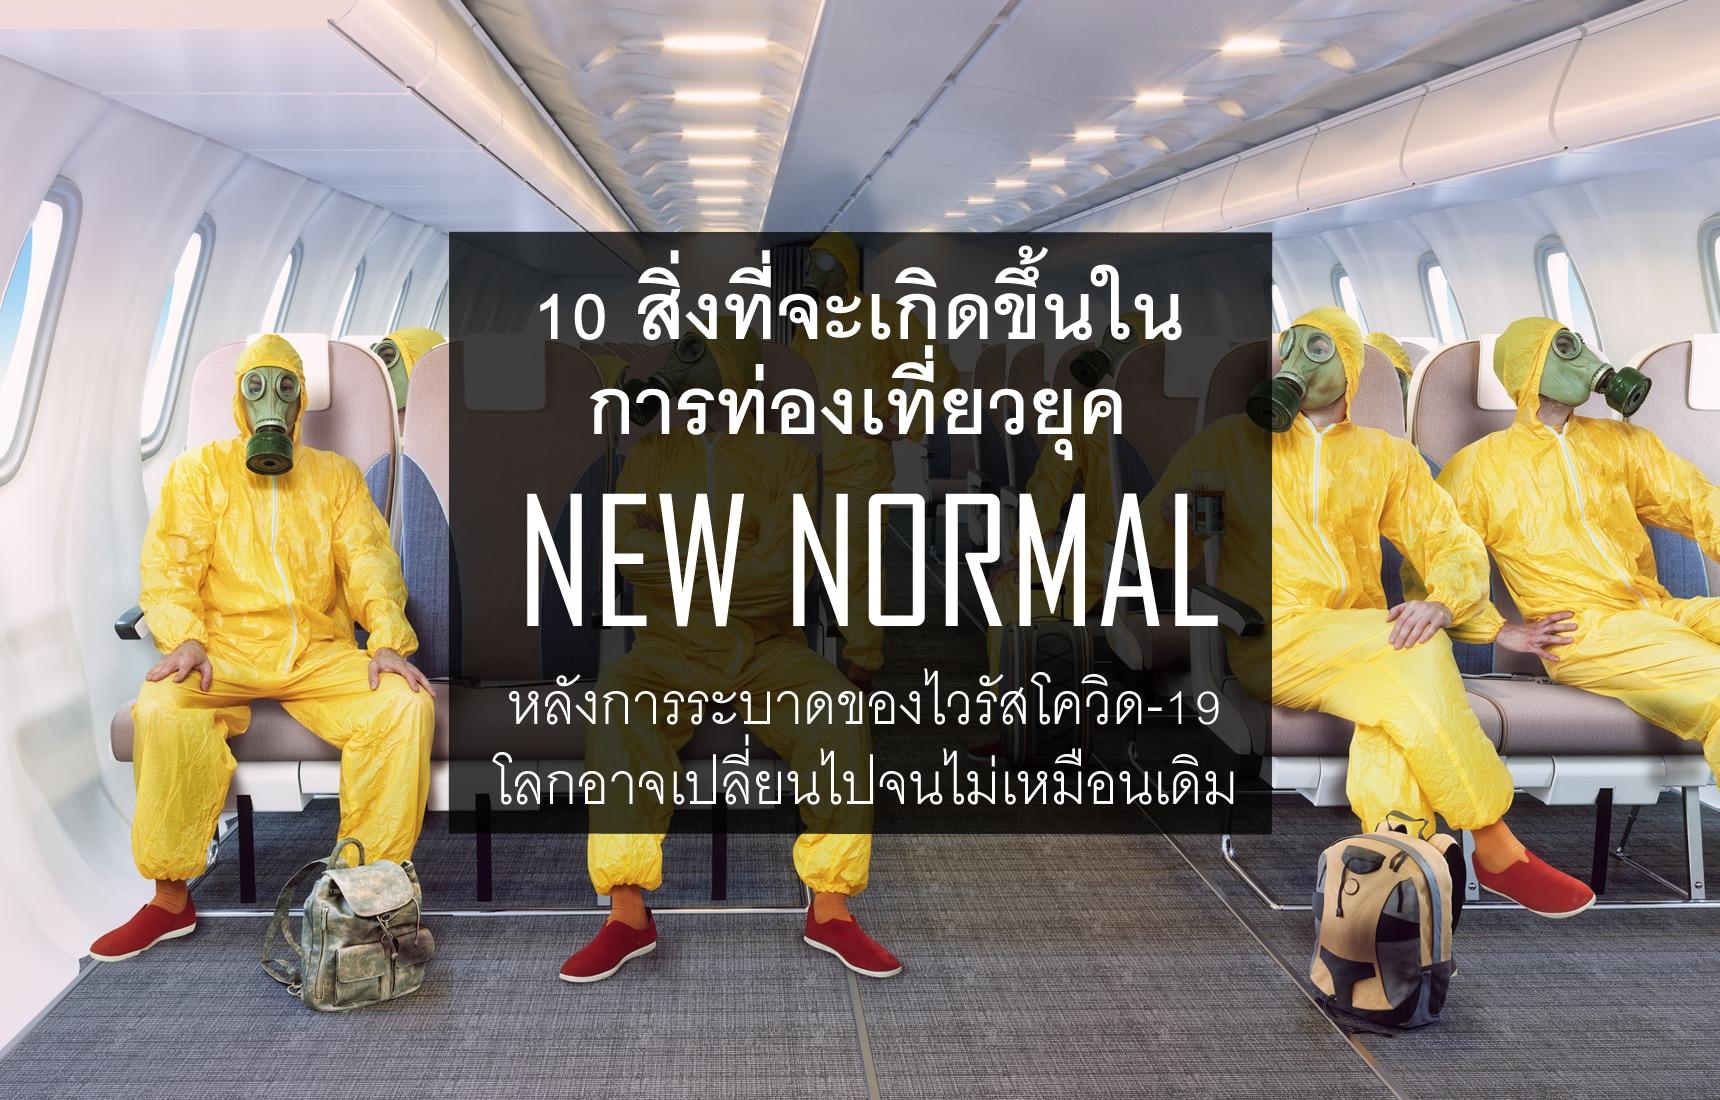 10 สิ่งที่จะเกิดขึ้นในการเที่ยวยุค New Normal